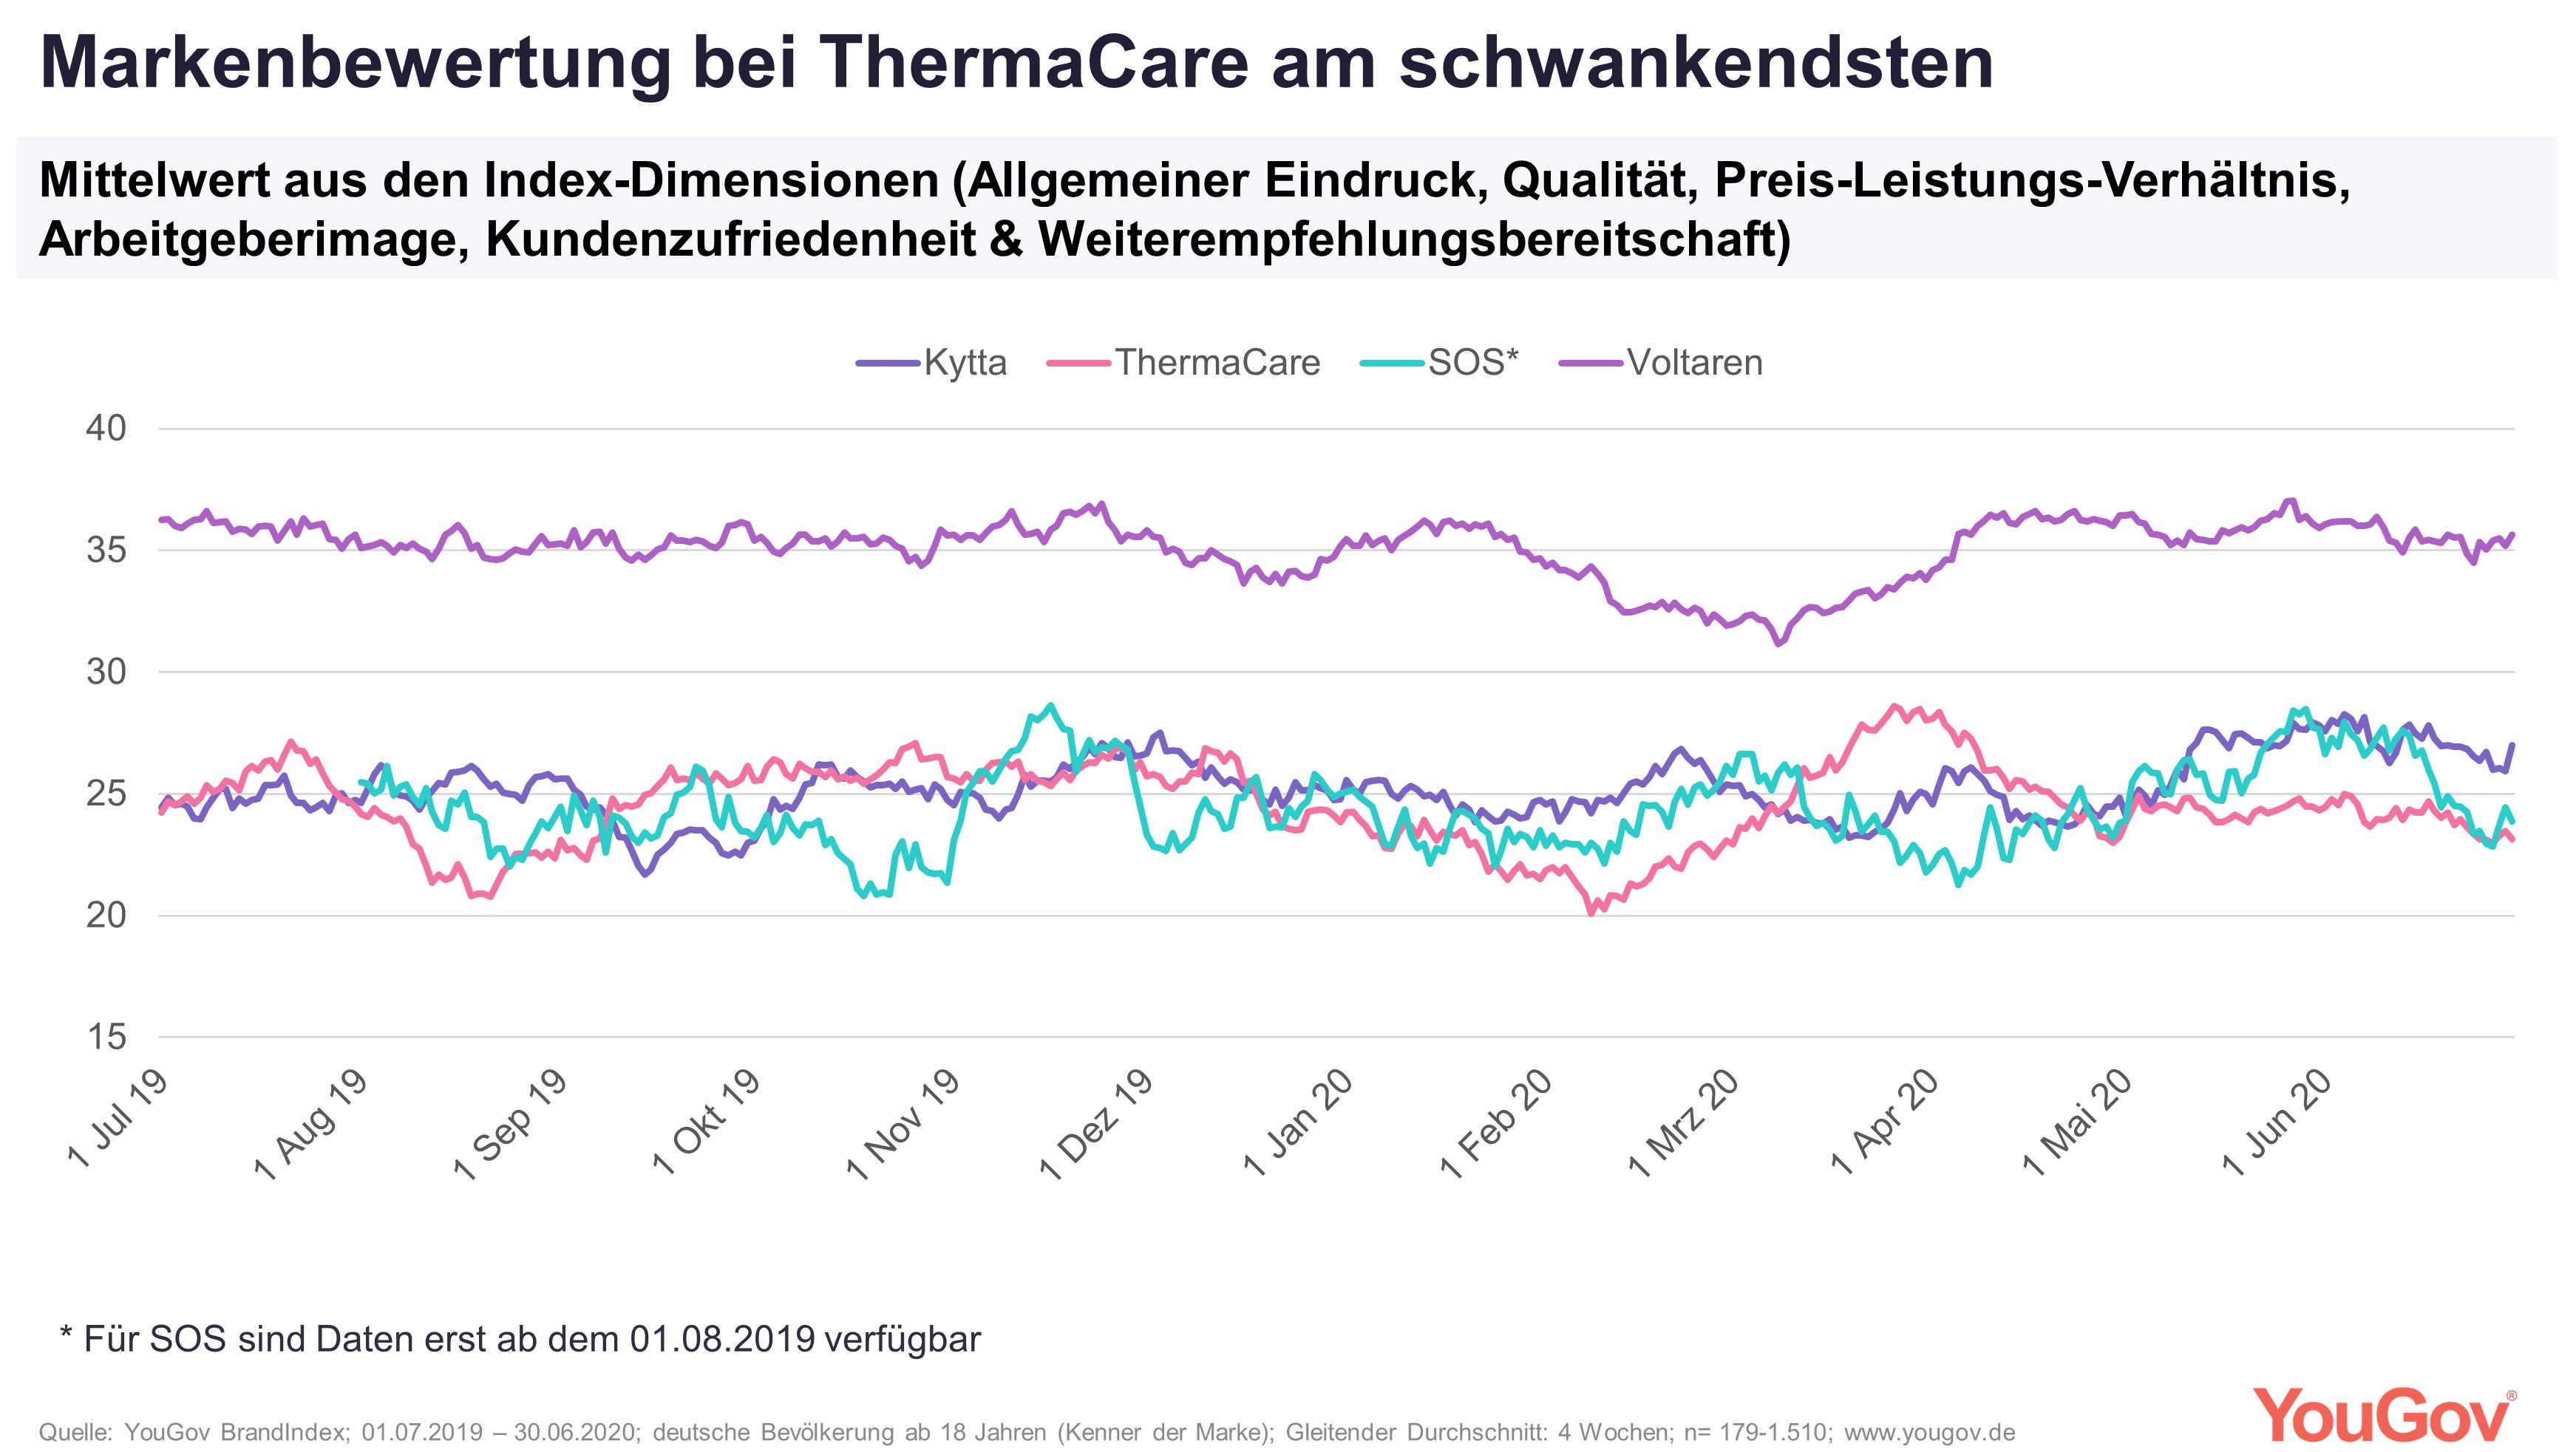 Markenbewertung bei ThermaCare am schwankendsten